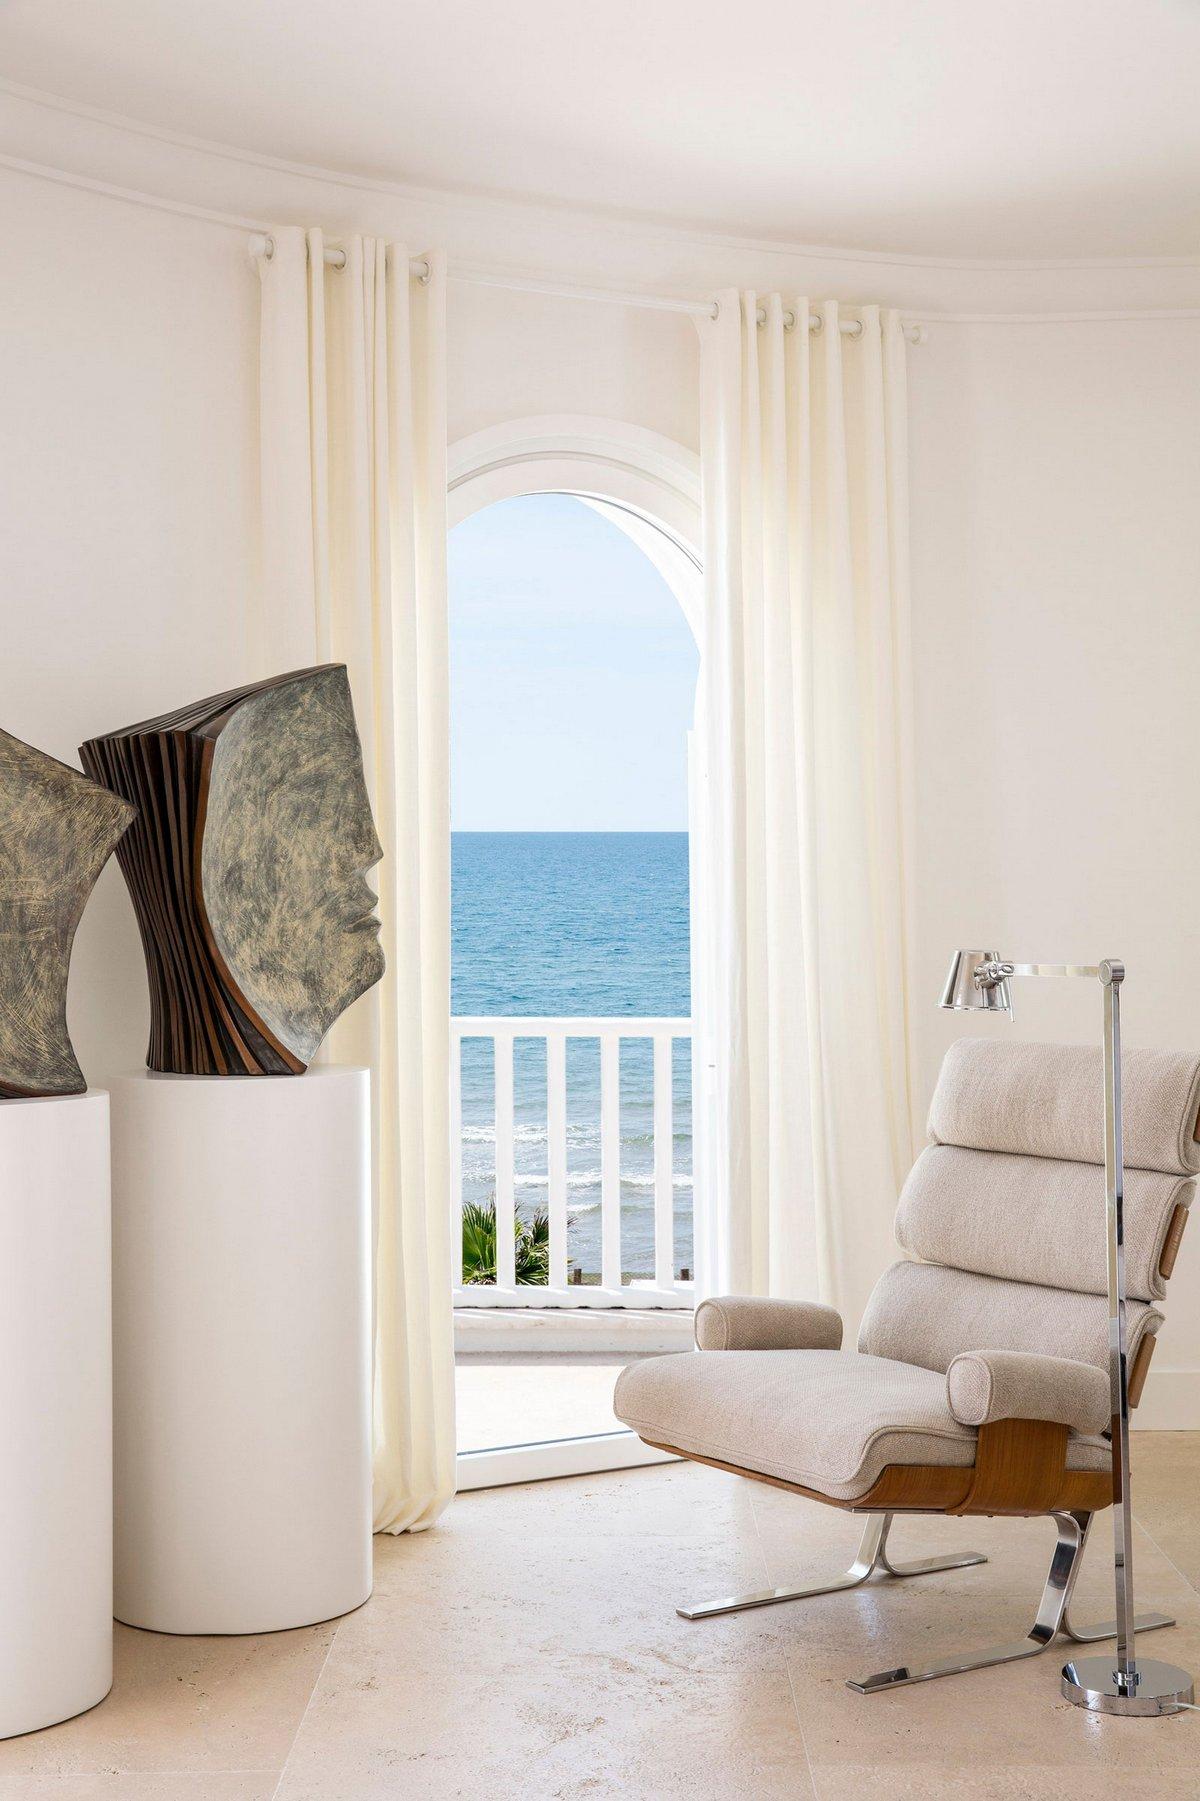 Stefano Dorata Architetto, Тирренское море, частный дом в Италии, светлый дизайн интерьера, арочные окна в доме, дом на берегу моря, дом с видом на море